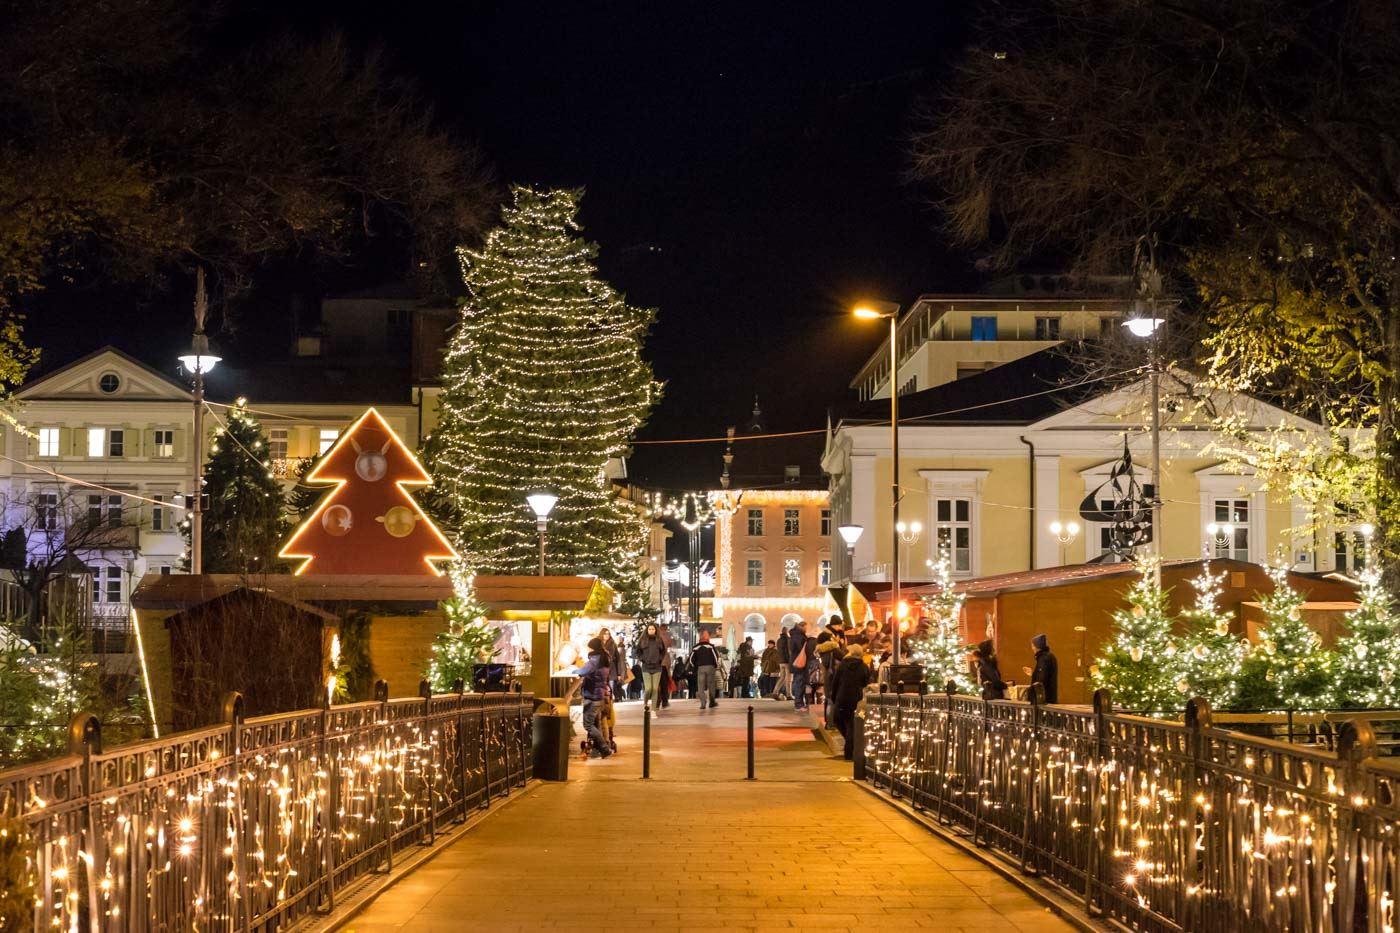 Immagini Mercatini Di Natale Merano.Mercatini Di Natale Merano E Castello Rametz